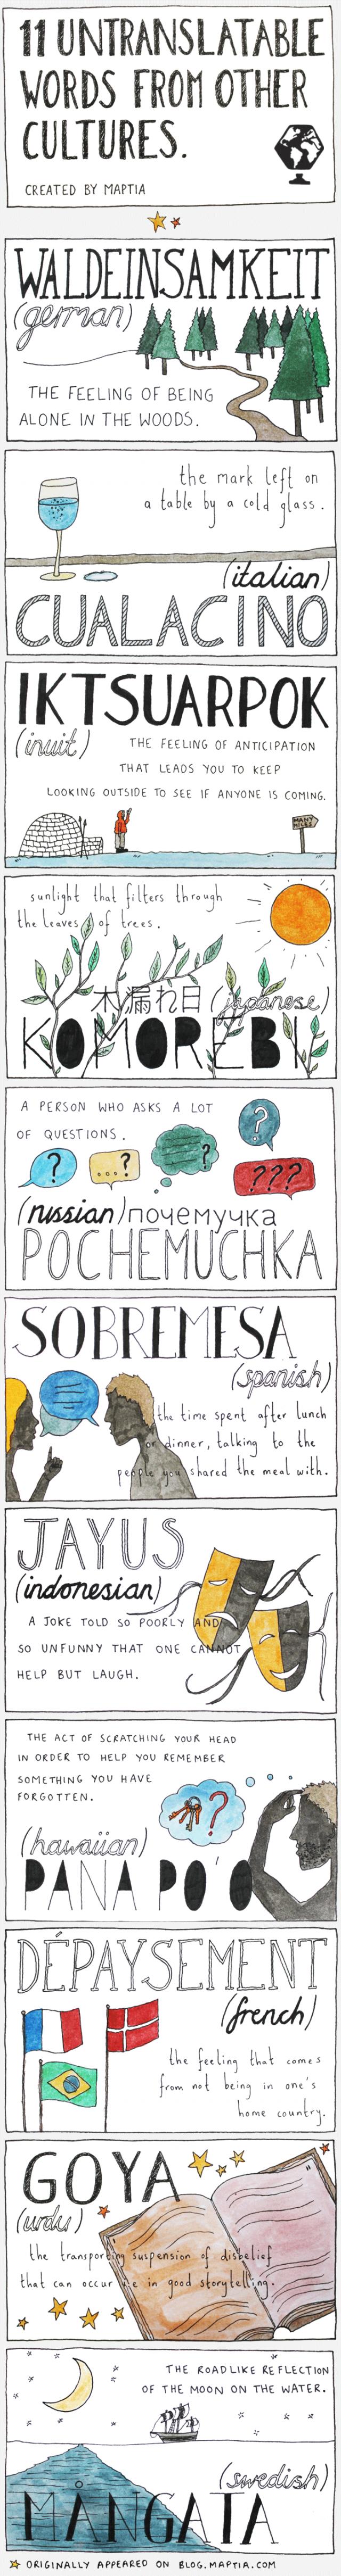 Mångata och andra ord som ej går att översätta från originalspråket